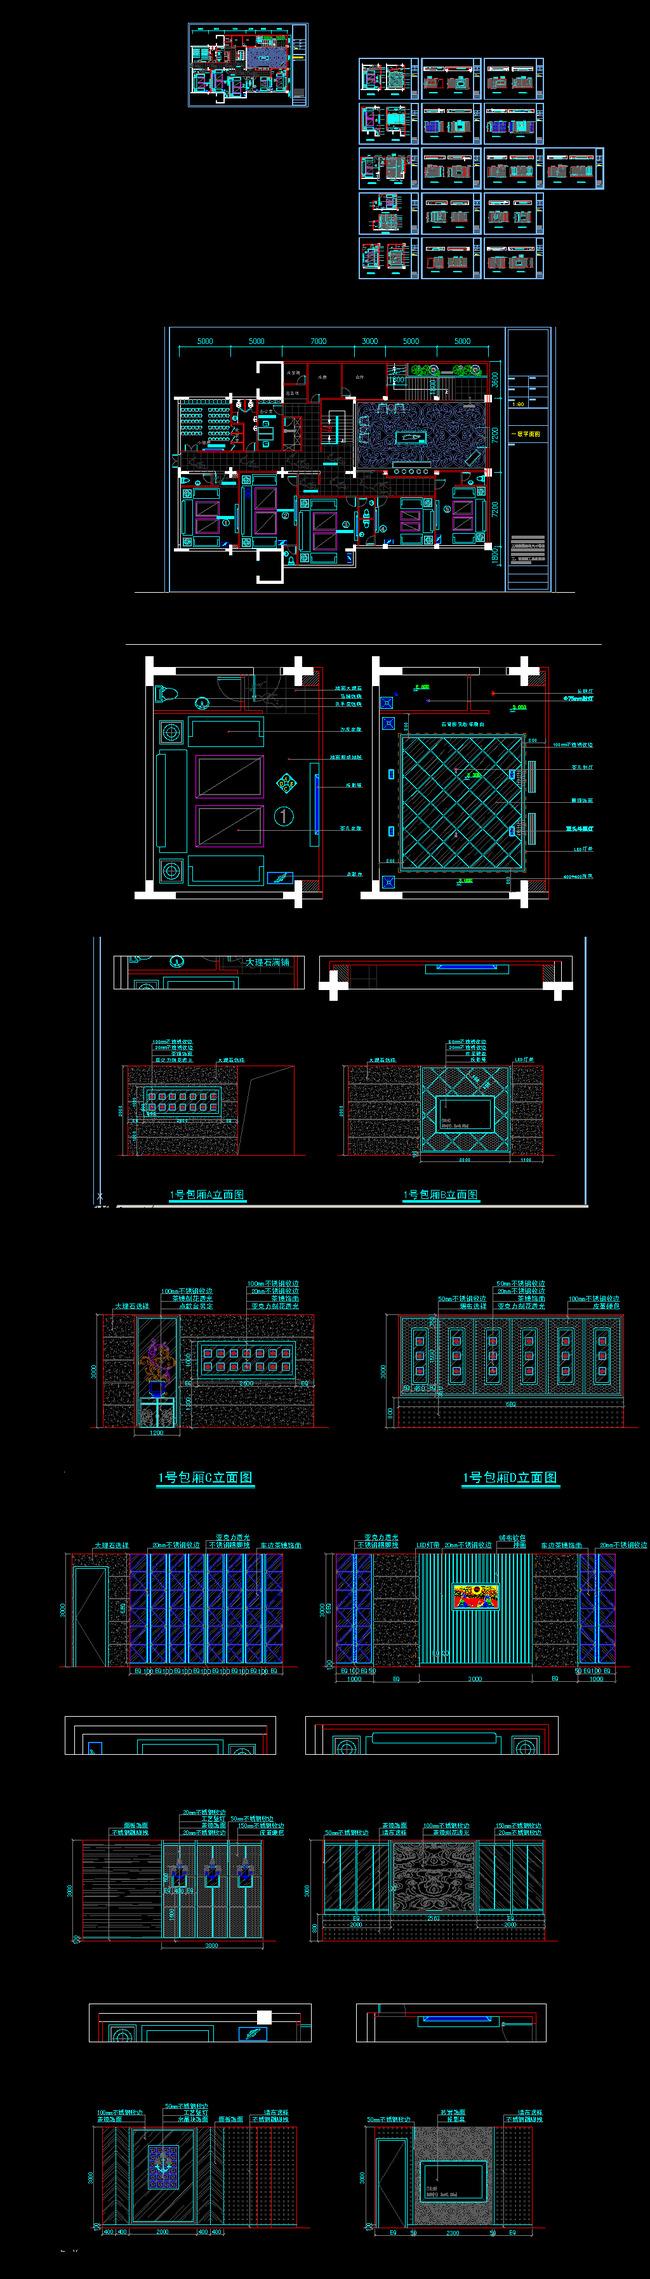 关键词:CAD结构图 包厢CAD立面图 包间CAD平面图 图框 施工图 工程图 CAD素材 CAD建筑 顶棚布置图 装饰墙面图纸 KTV包间图纸设计 KTV施工图 工装图 说明:KTV包厢CAD图纸设计附施工材质说明